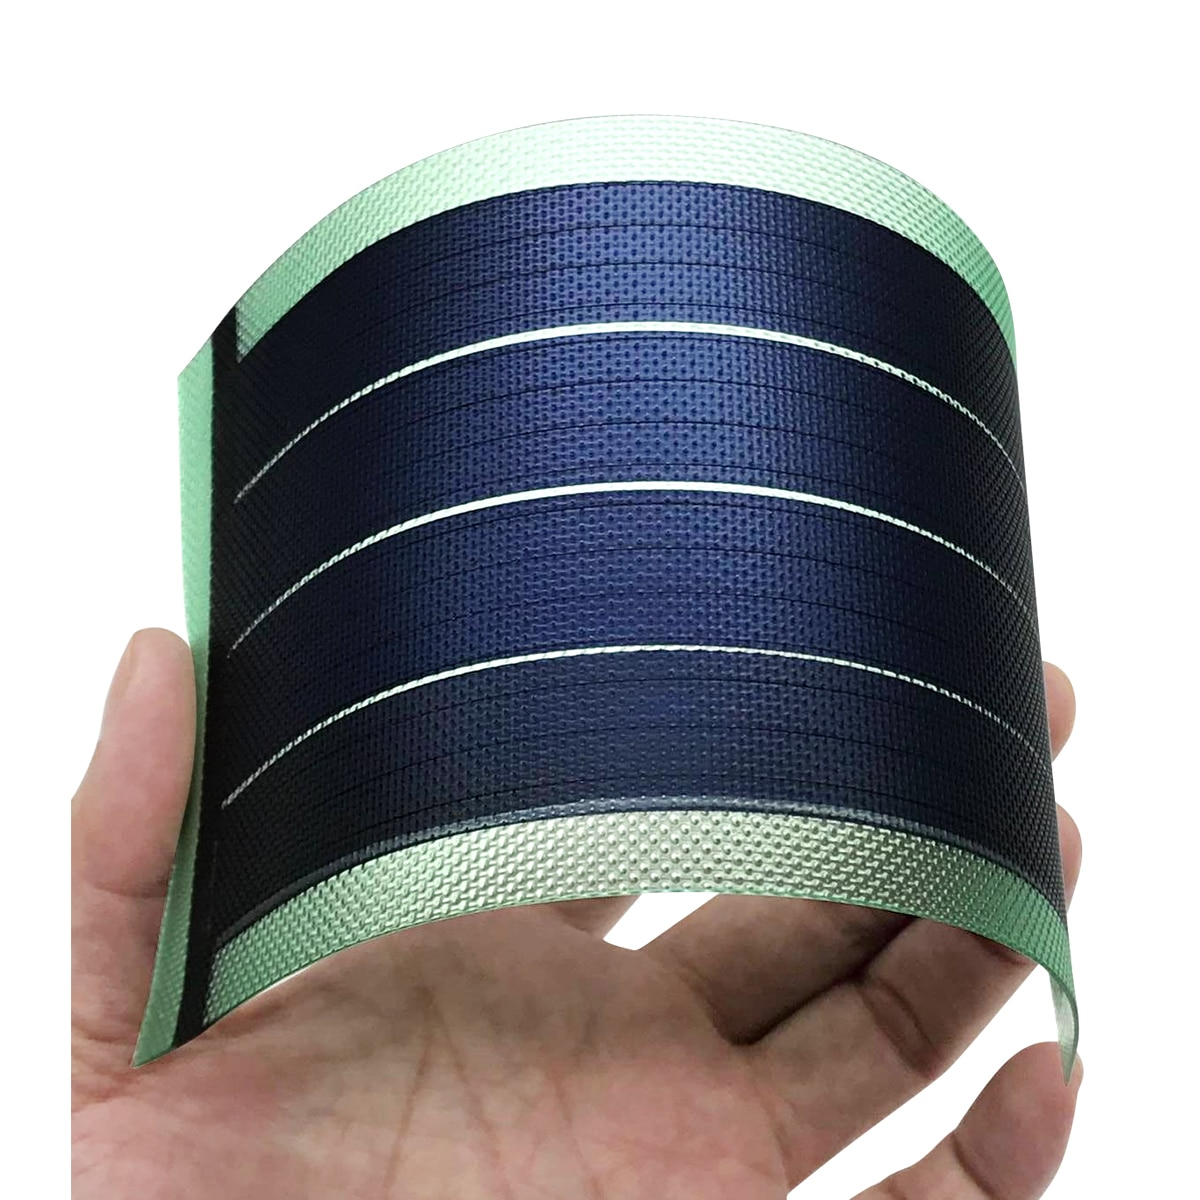 Grenn-Panel Solar fotovoltaico, Placa Fotovoltaica portátil de película fina y Flexible